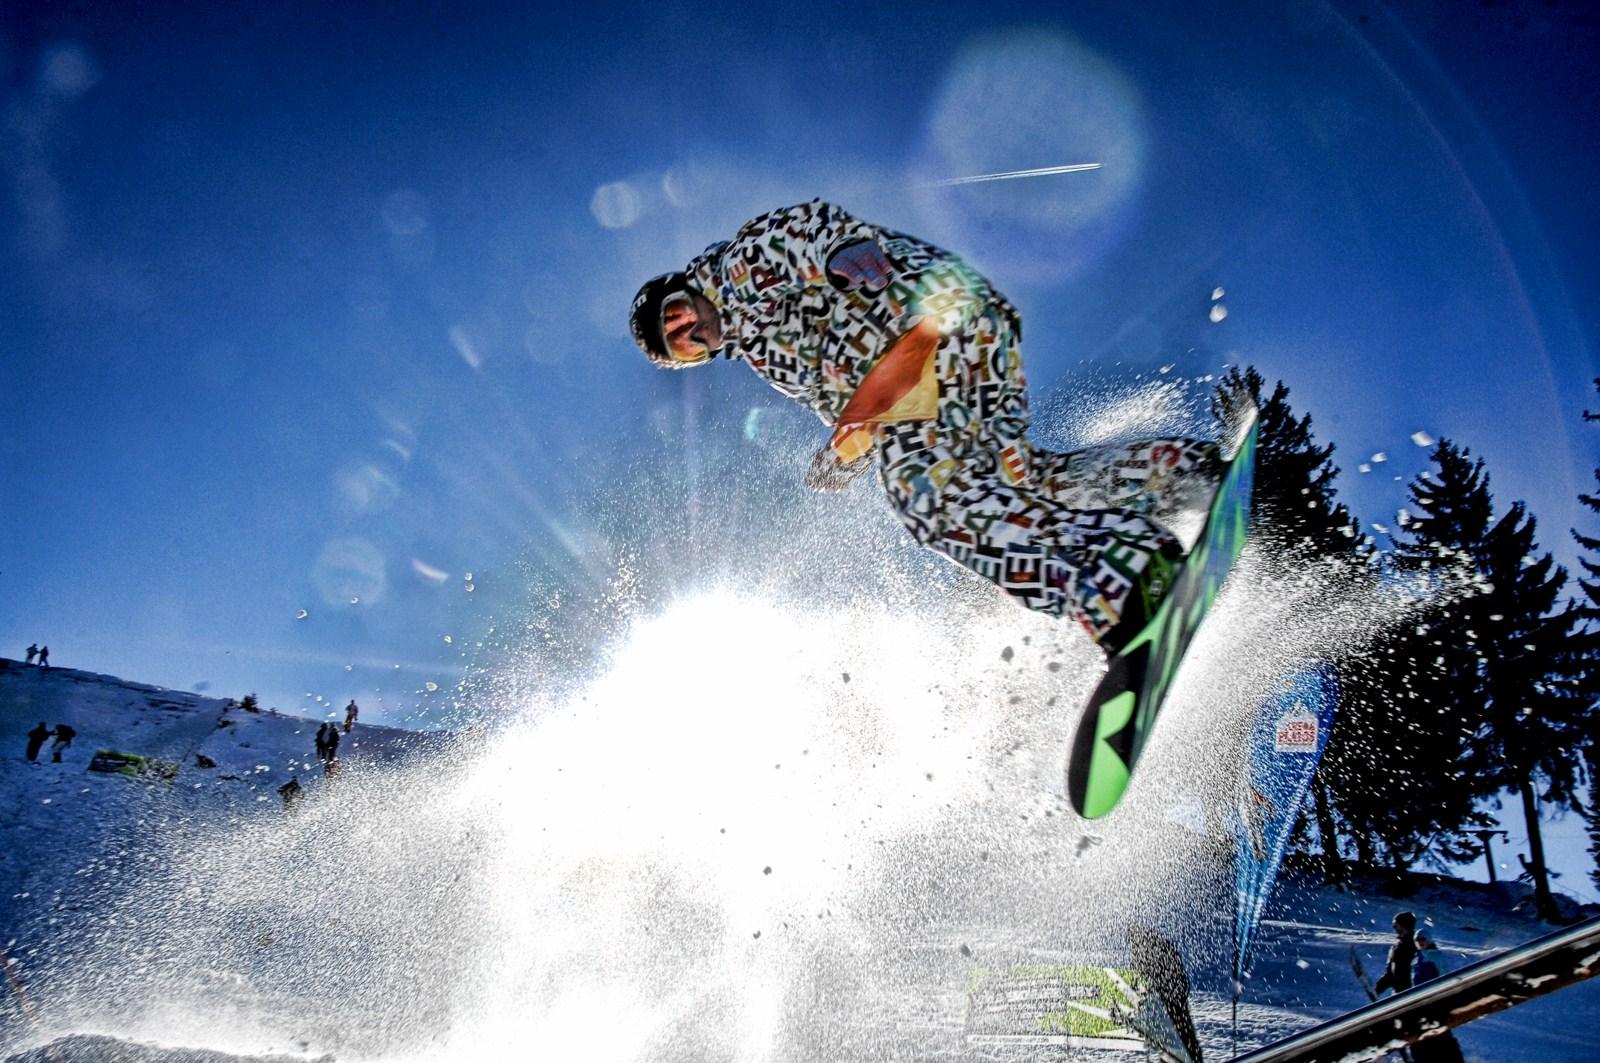 Citybreak: Distractie de iarnă pe cel mai modern resort de schi din România